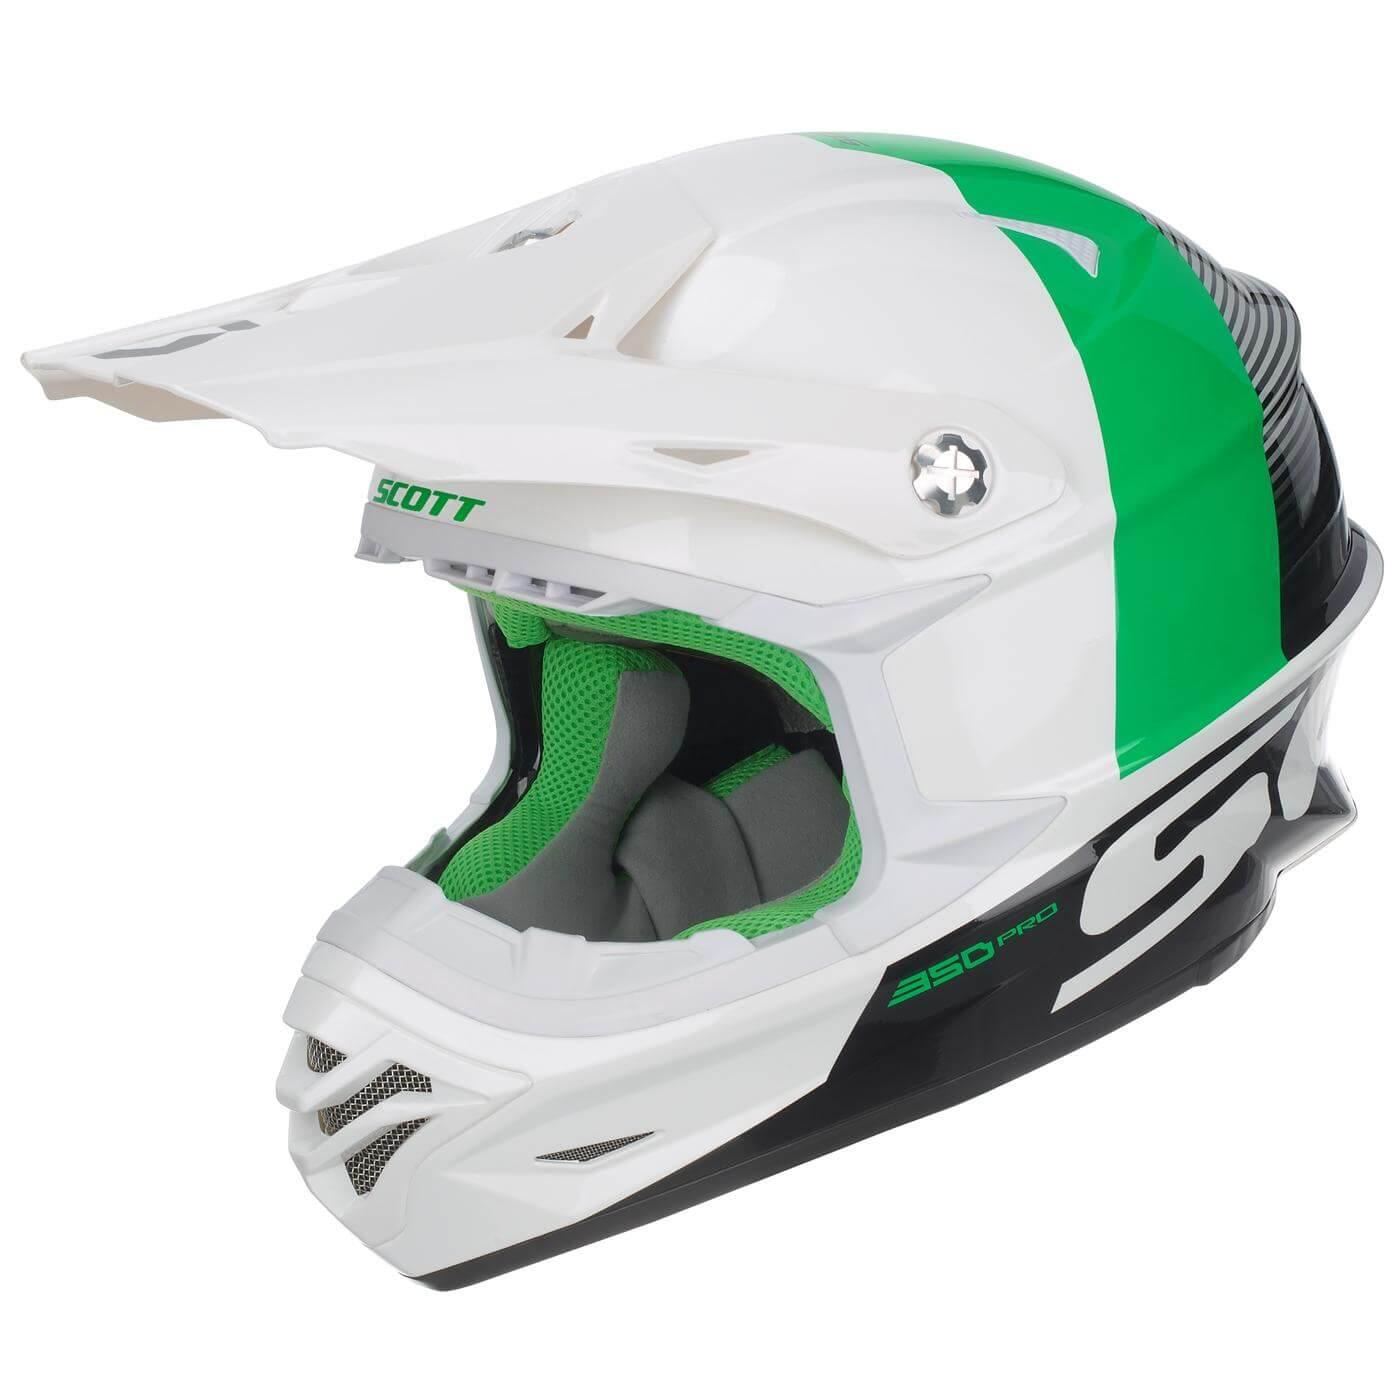 Scott 350 Pro Hjelm Track - Hvit/Grønn - XS